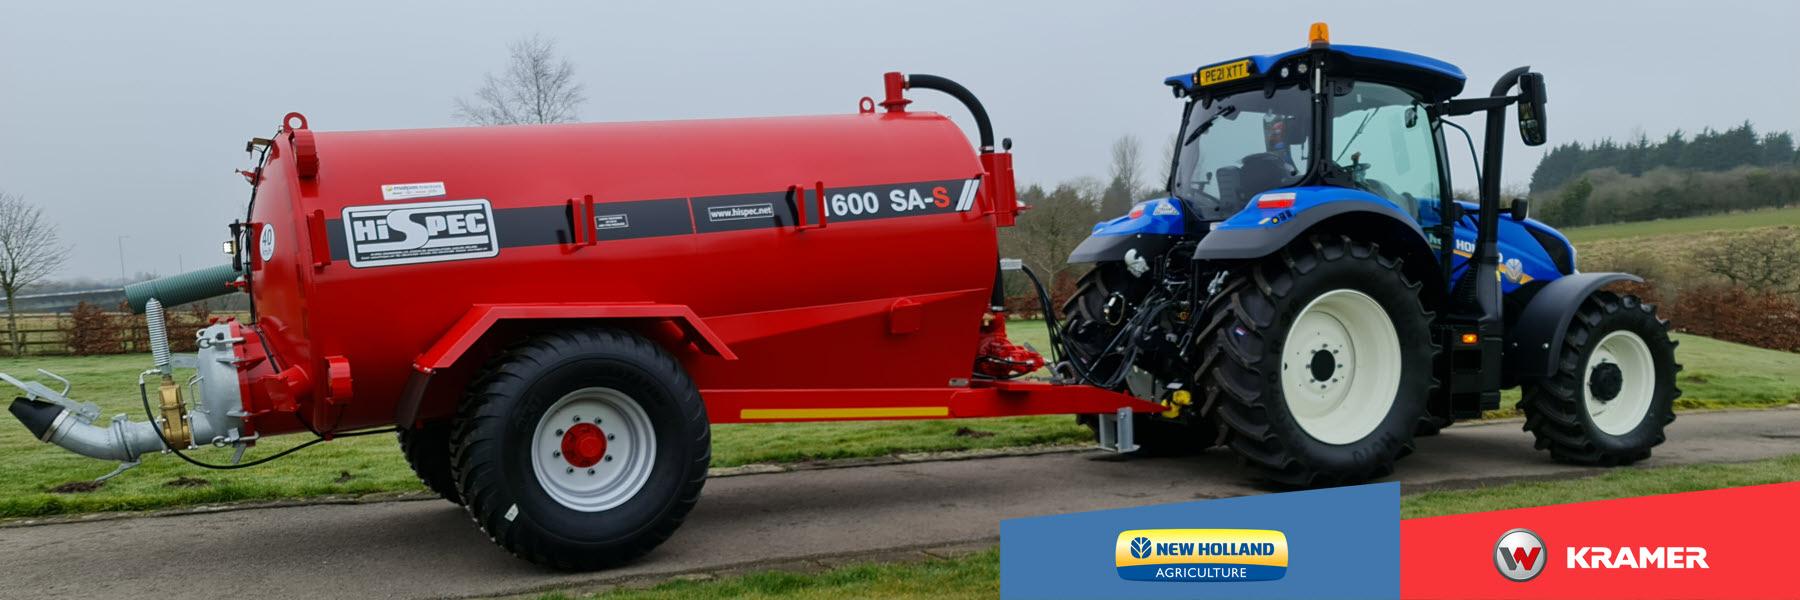 tractor hire preston